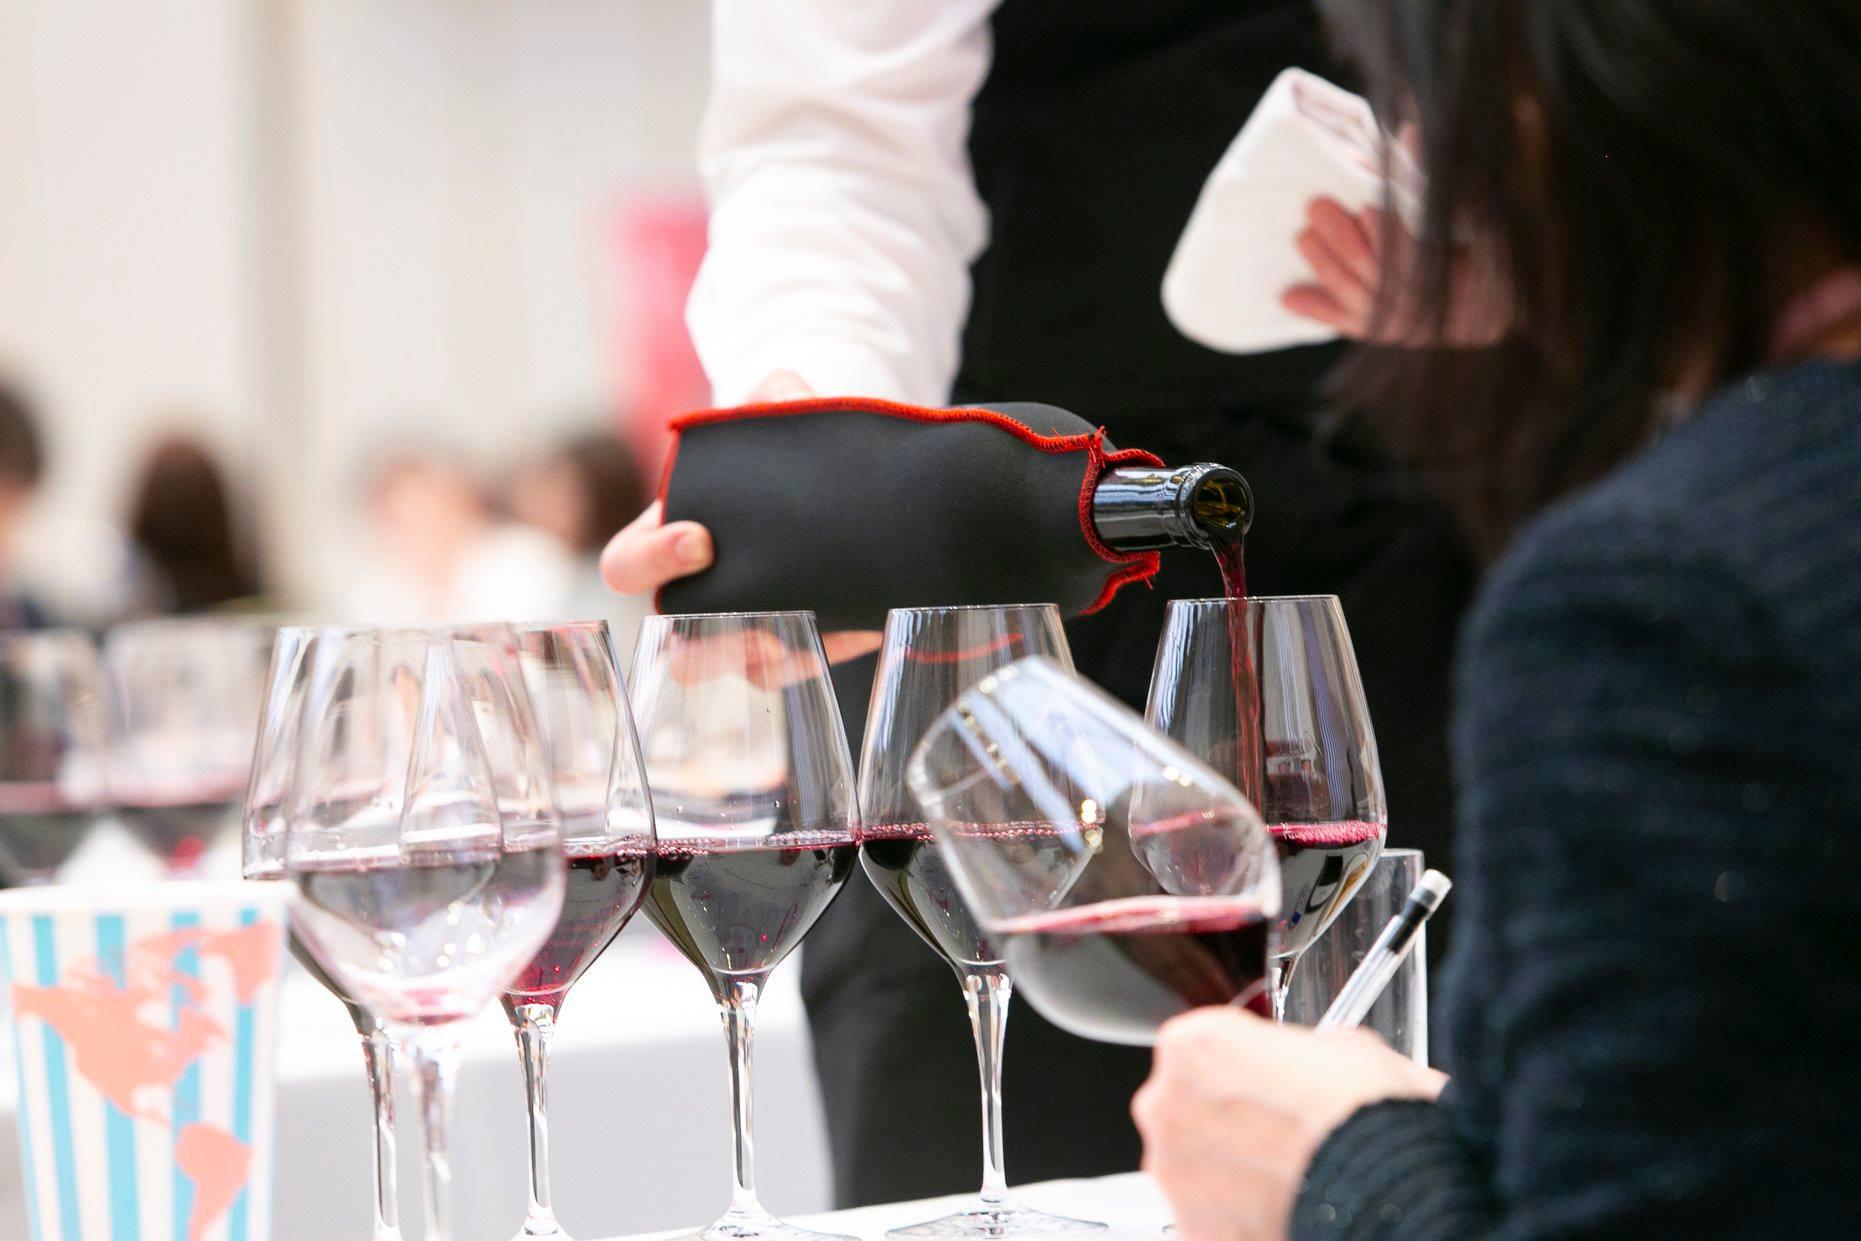 51801045 2144085972569728 6804436830725865472 o грузинское вино грузинское вино